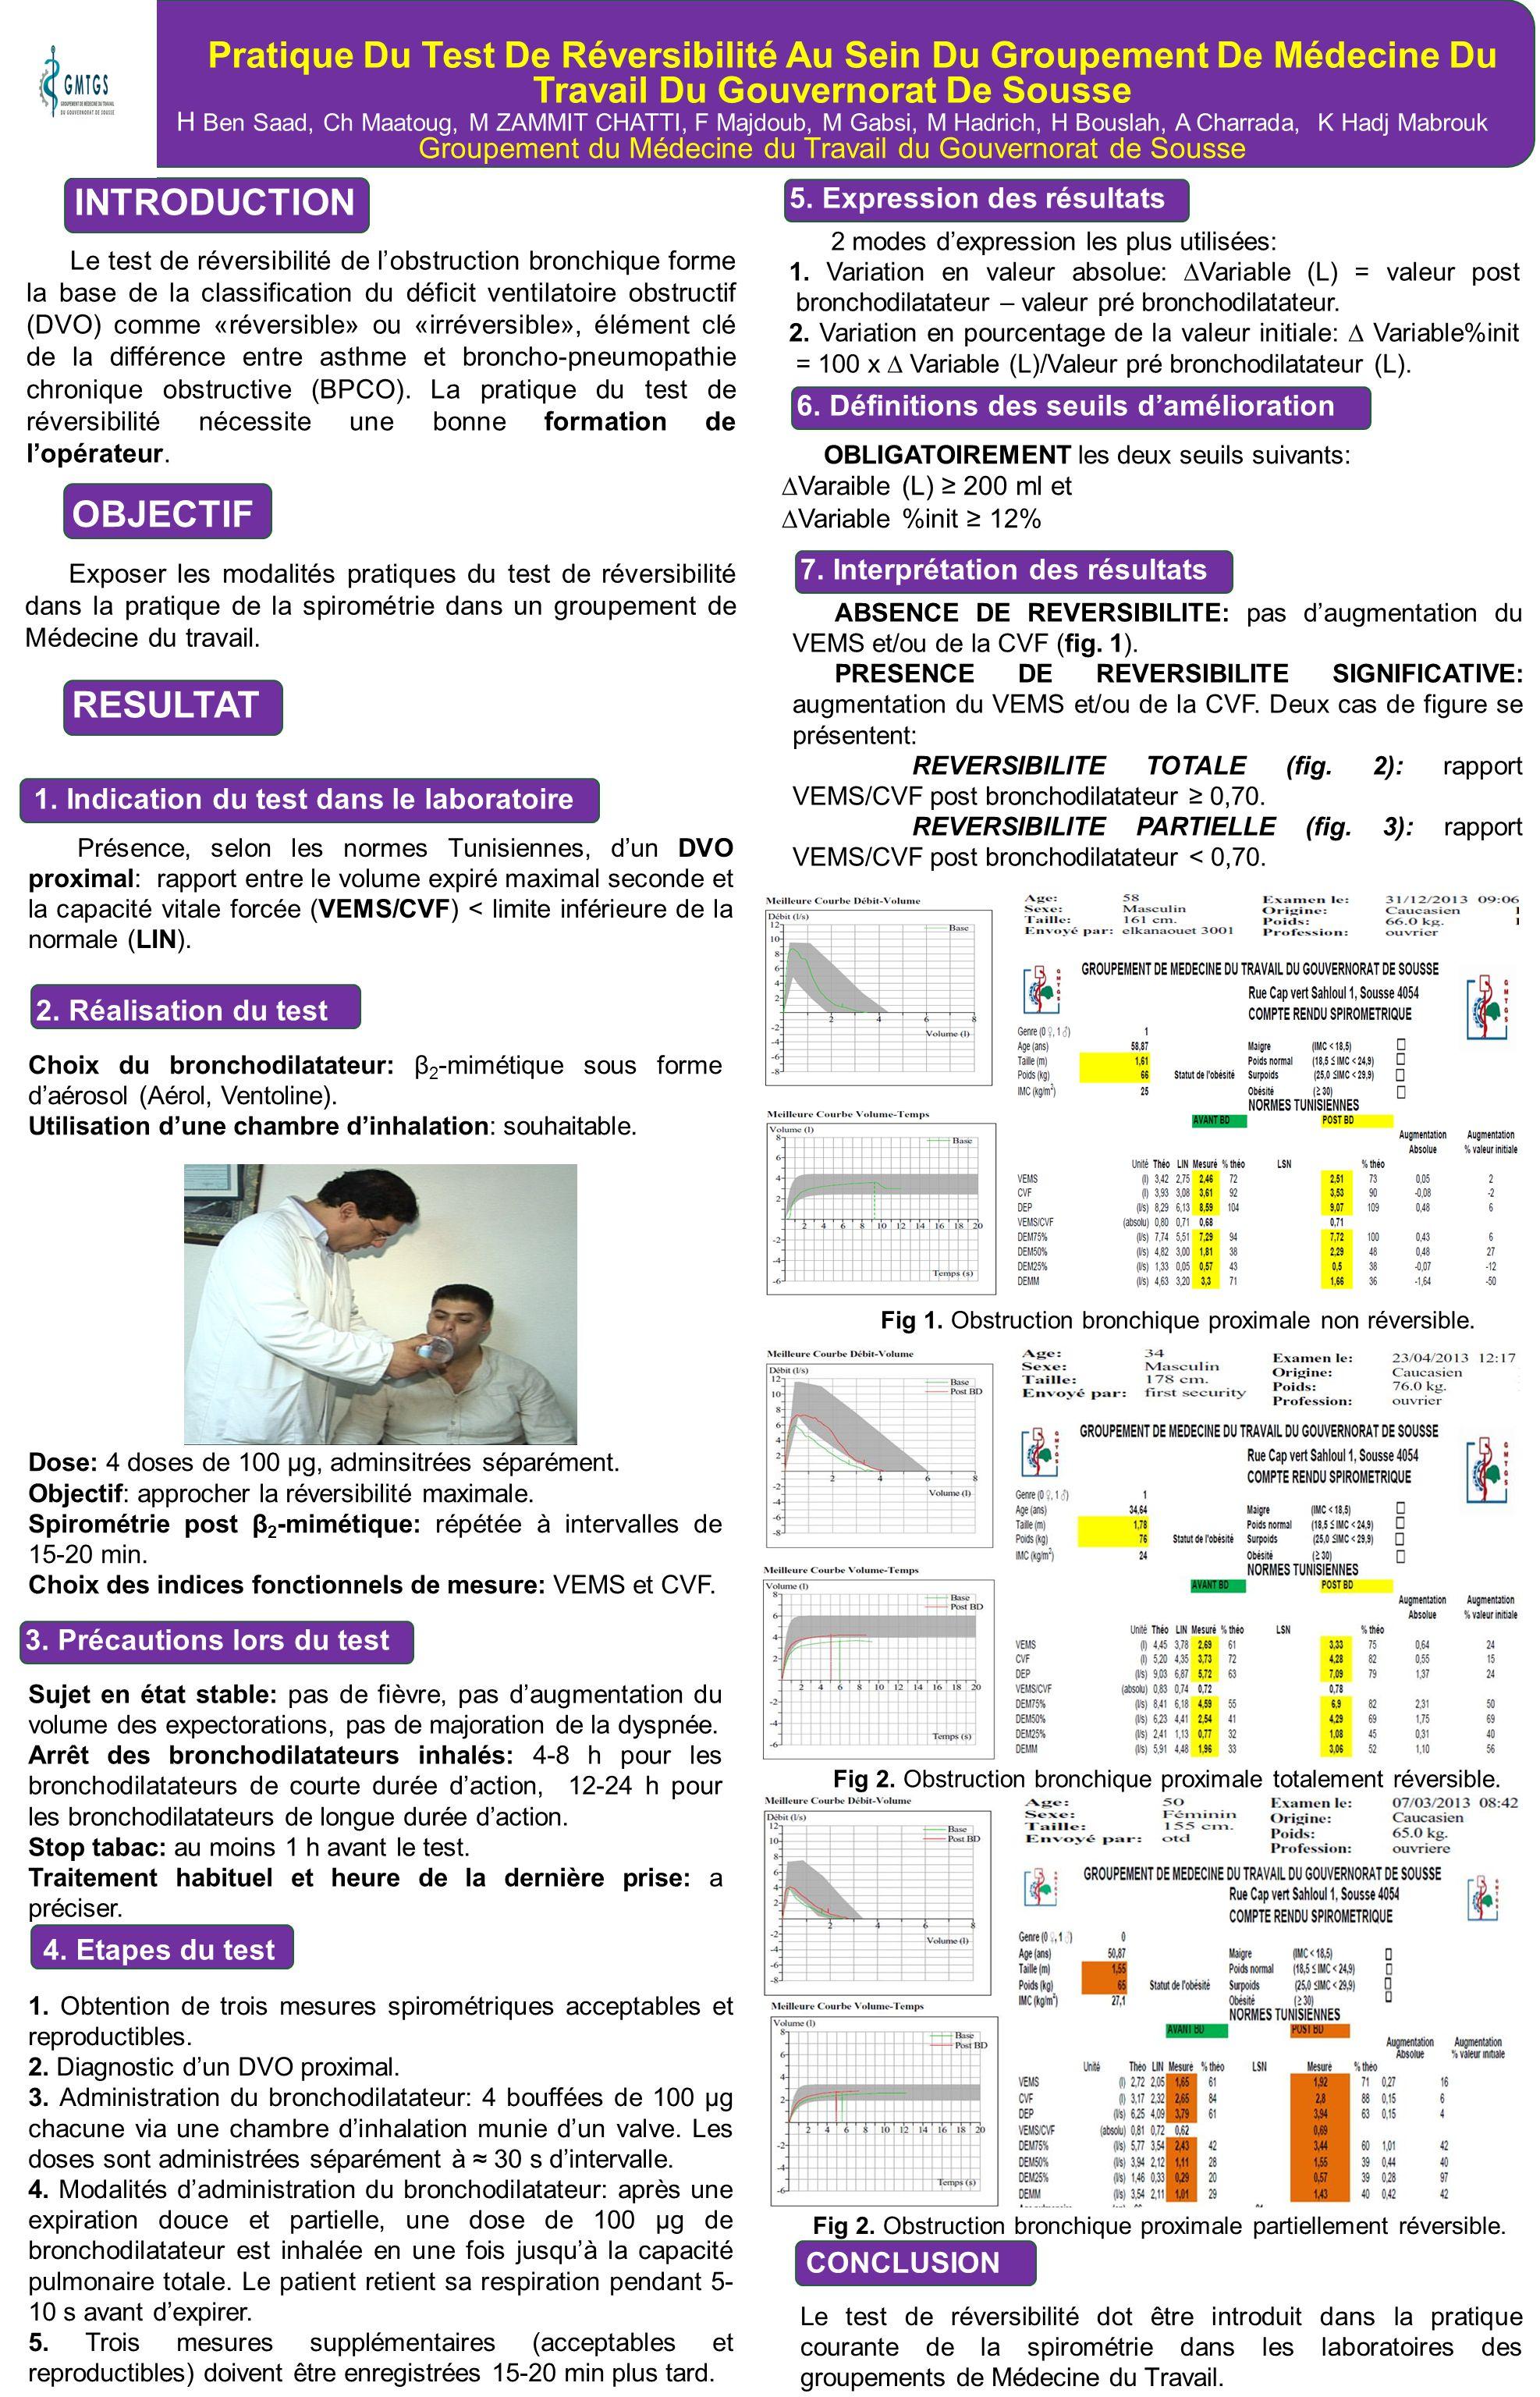 Pratique Du Test De Réversibilité Au Sein Du Groupement De Médecine Du Travail Du Gouvernorat De Sousse